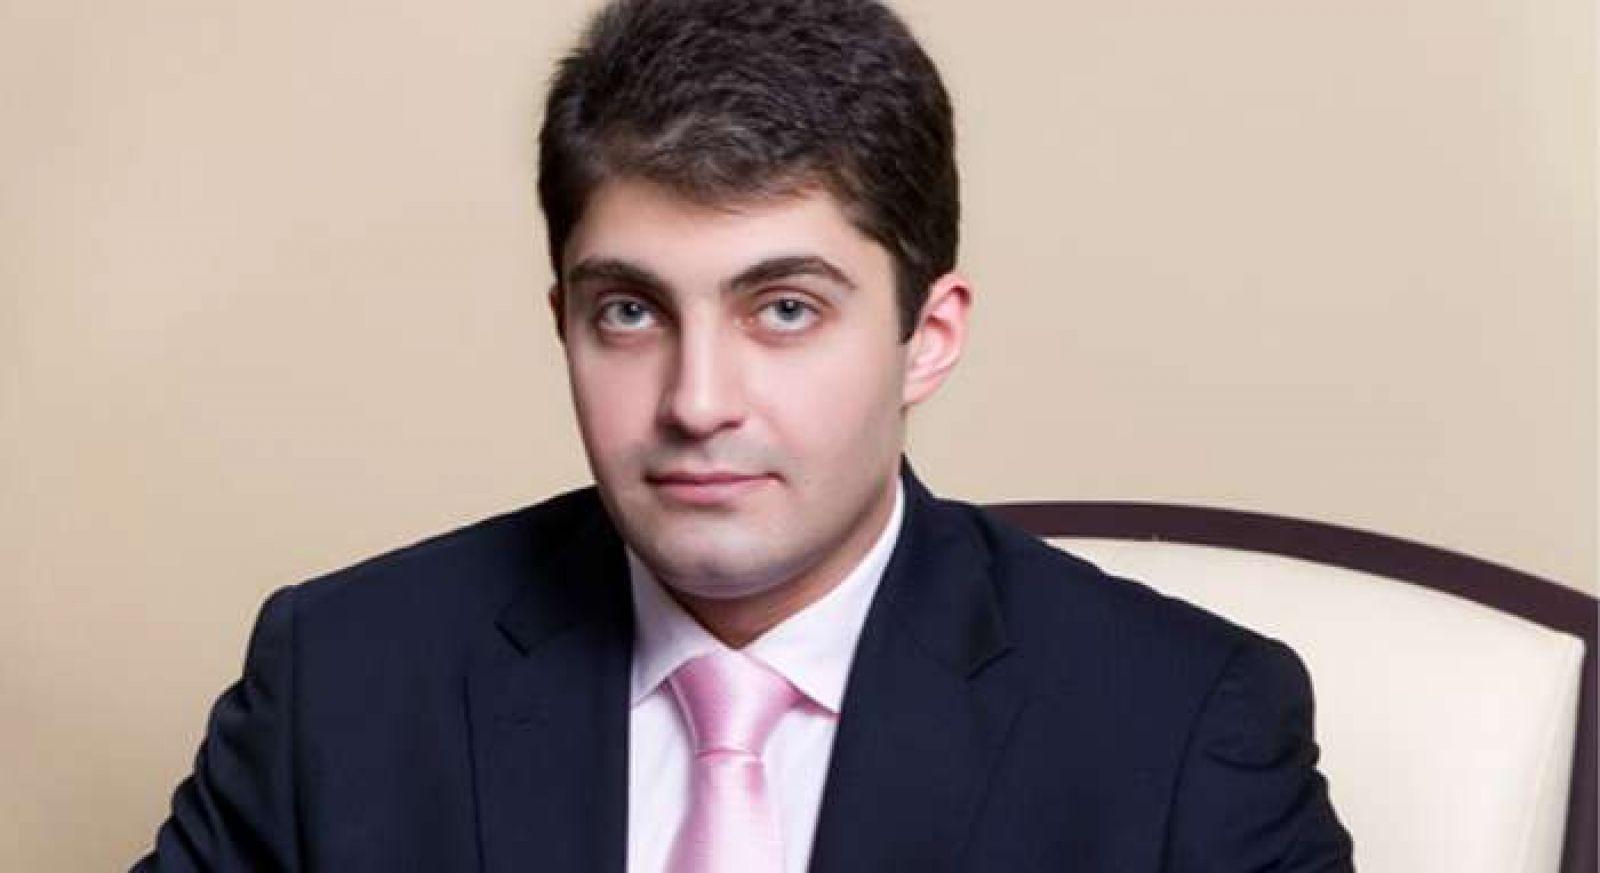 В распоряжении прокуратуры должна быть функция следствия - Давид Сакварелидзе